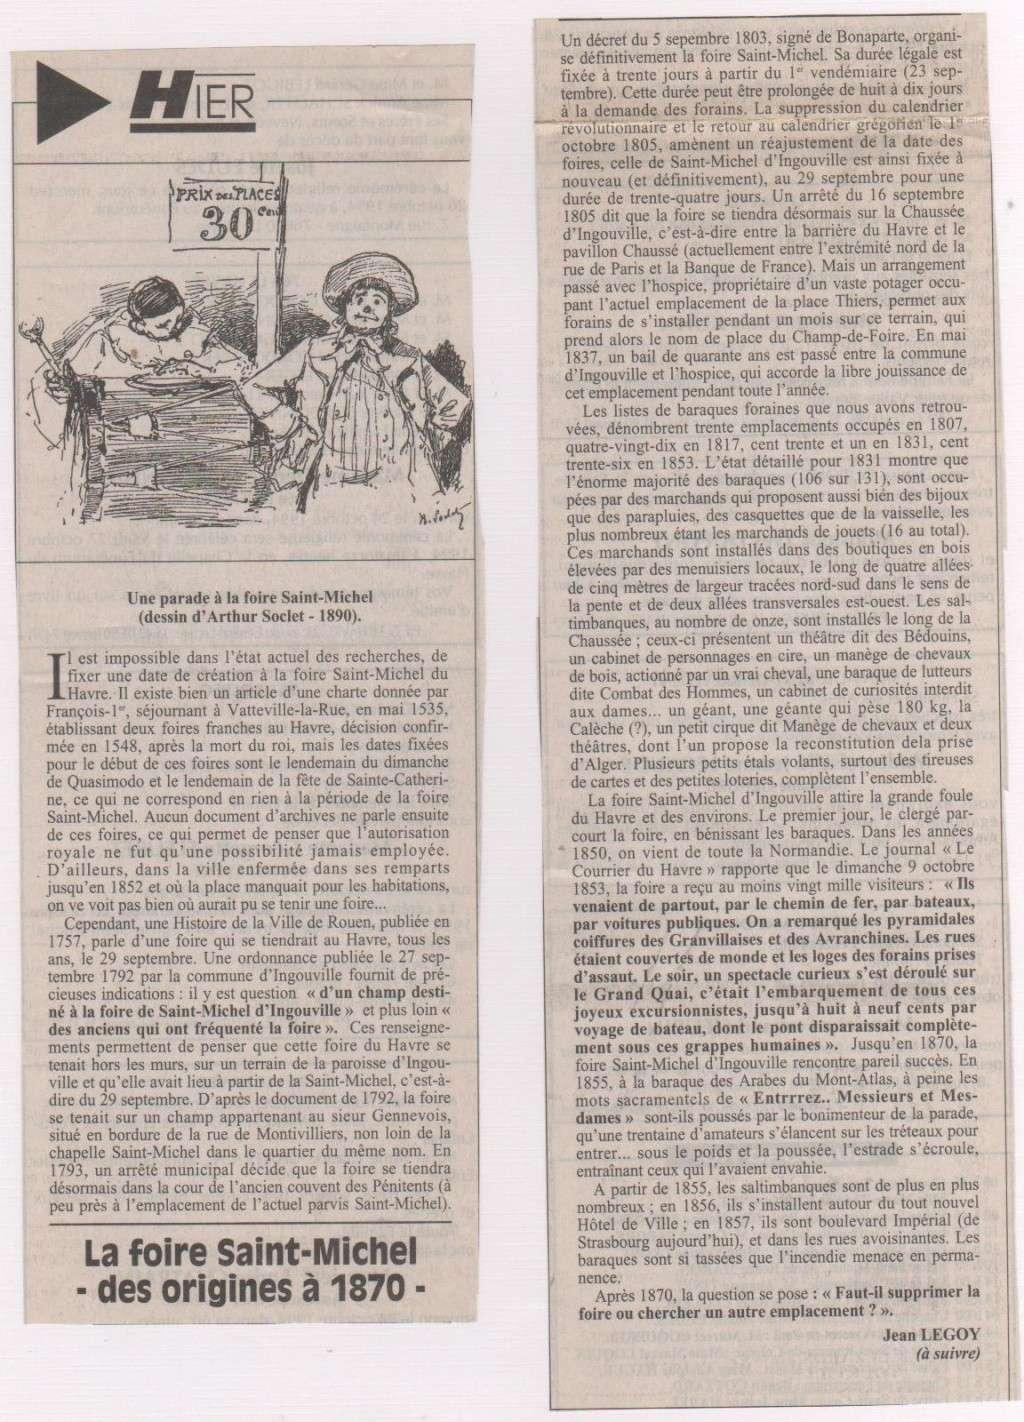 Hier, Le Havre par Jean LEGOY - Page 2 Jean_l75